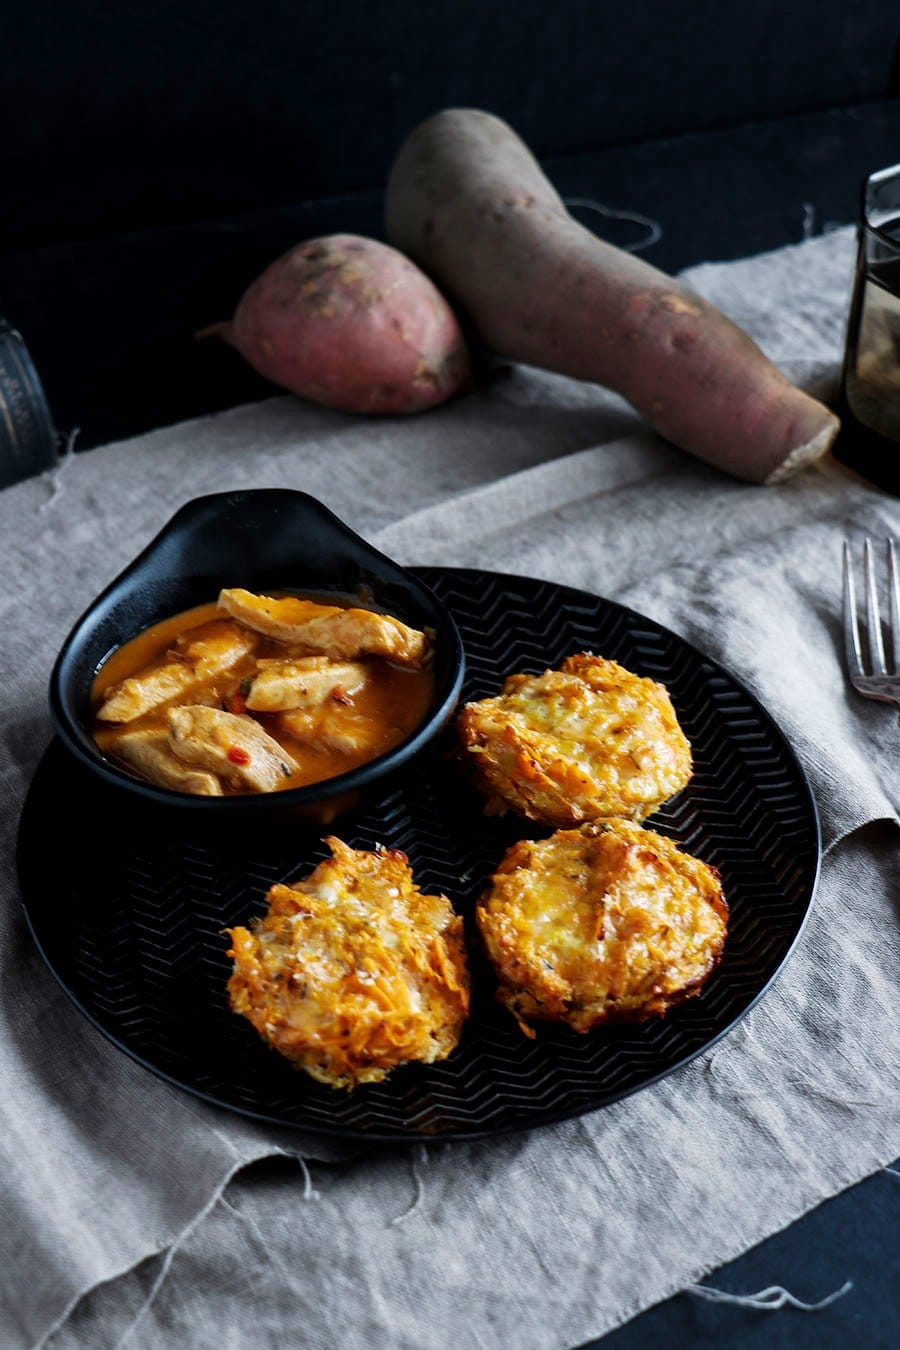 herzhafte s kartoffel r sti muffins mit k se die k che brennt. Black Bedroom Furniture Sets. Home Design Ideas